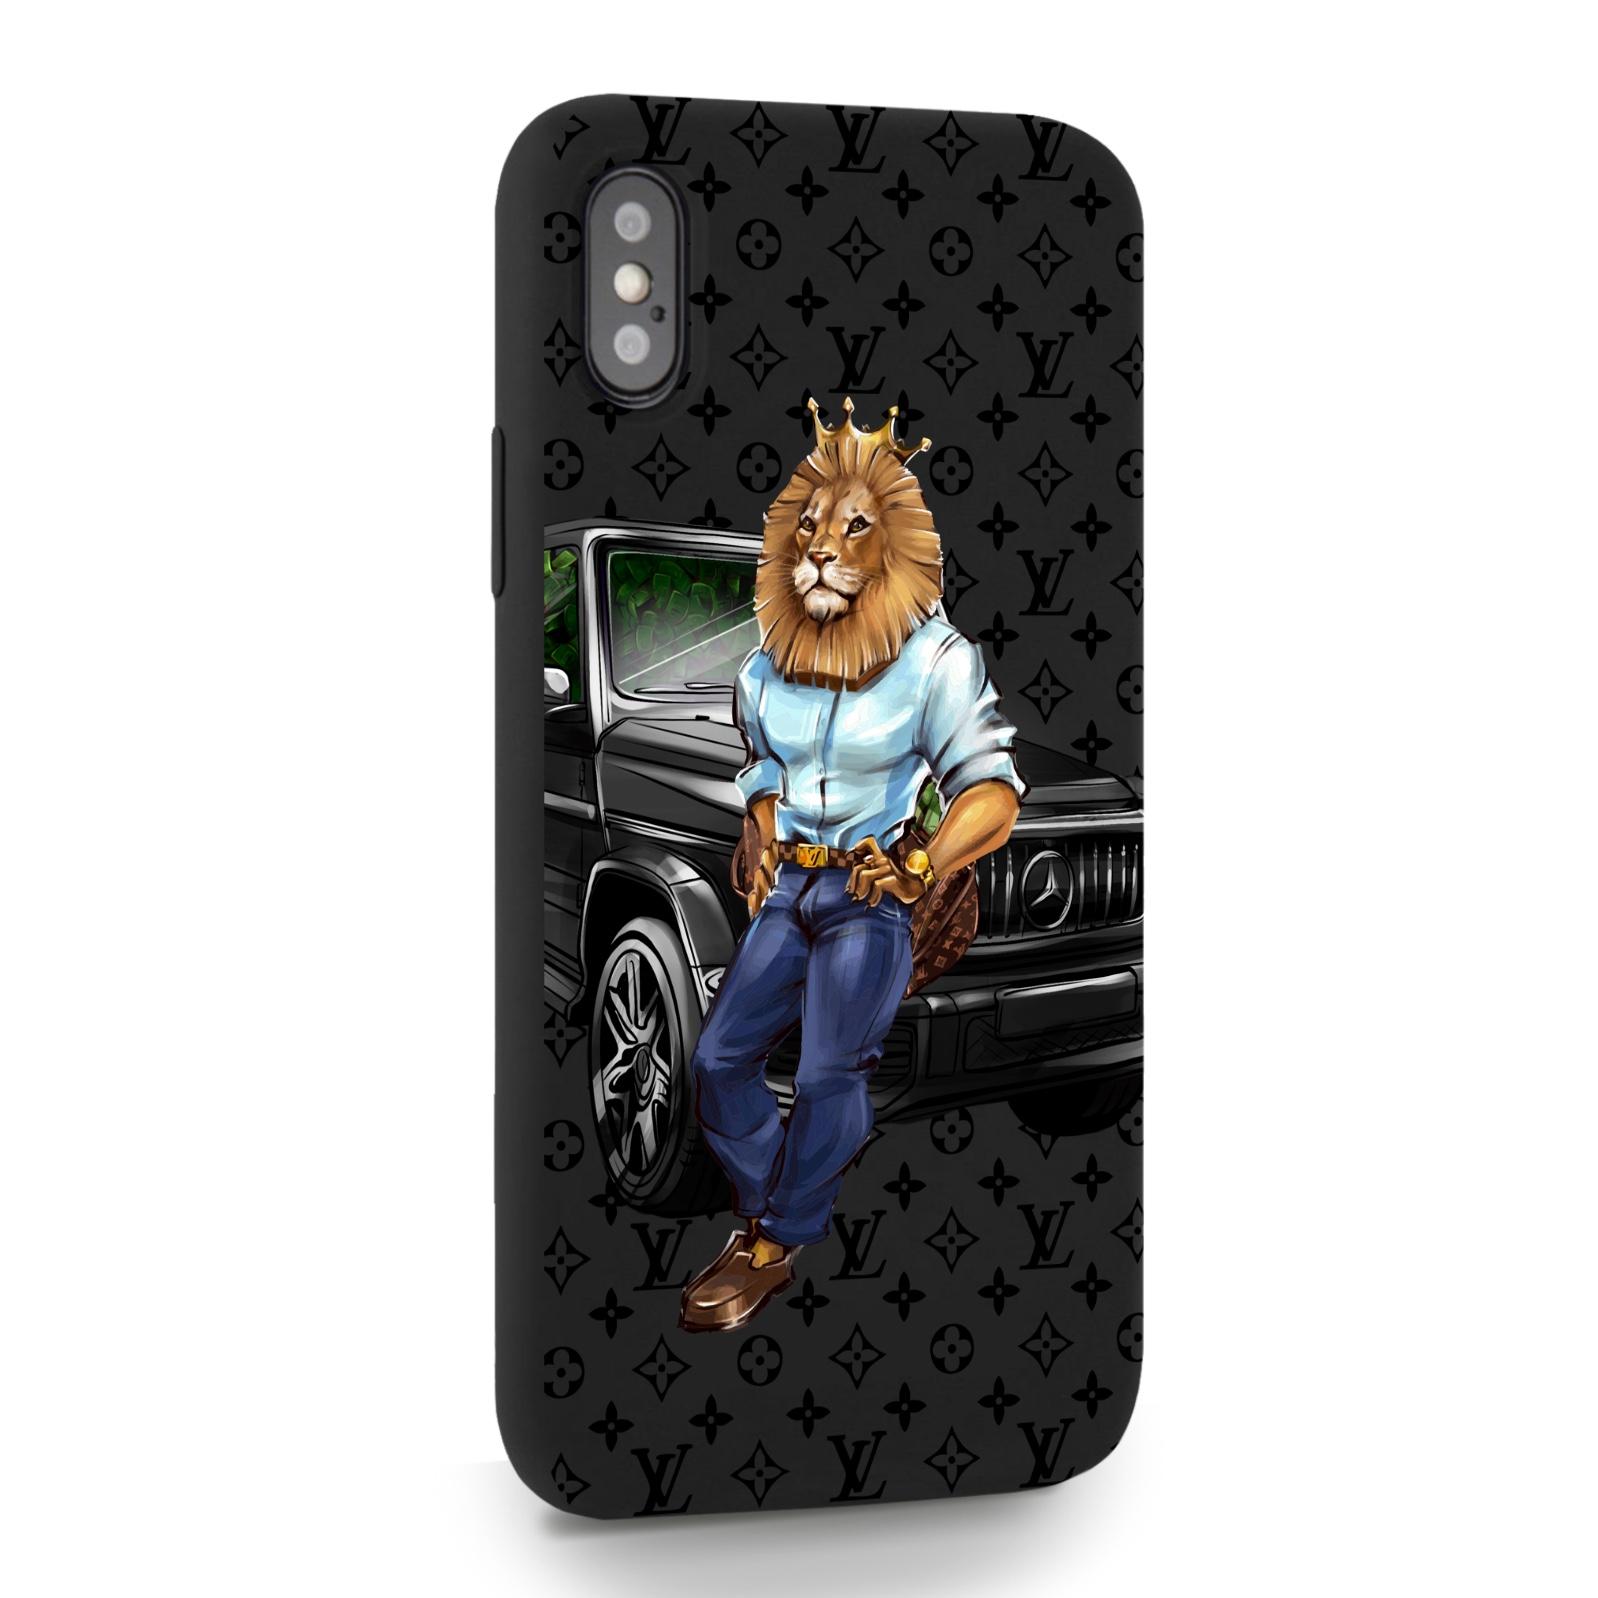 Черный силиконовый чехол для iPhone X/XS Lion Business для Айфон 10/10с